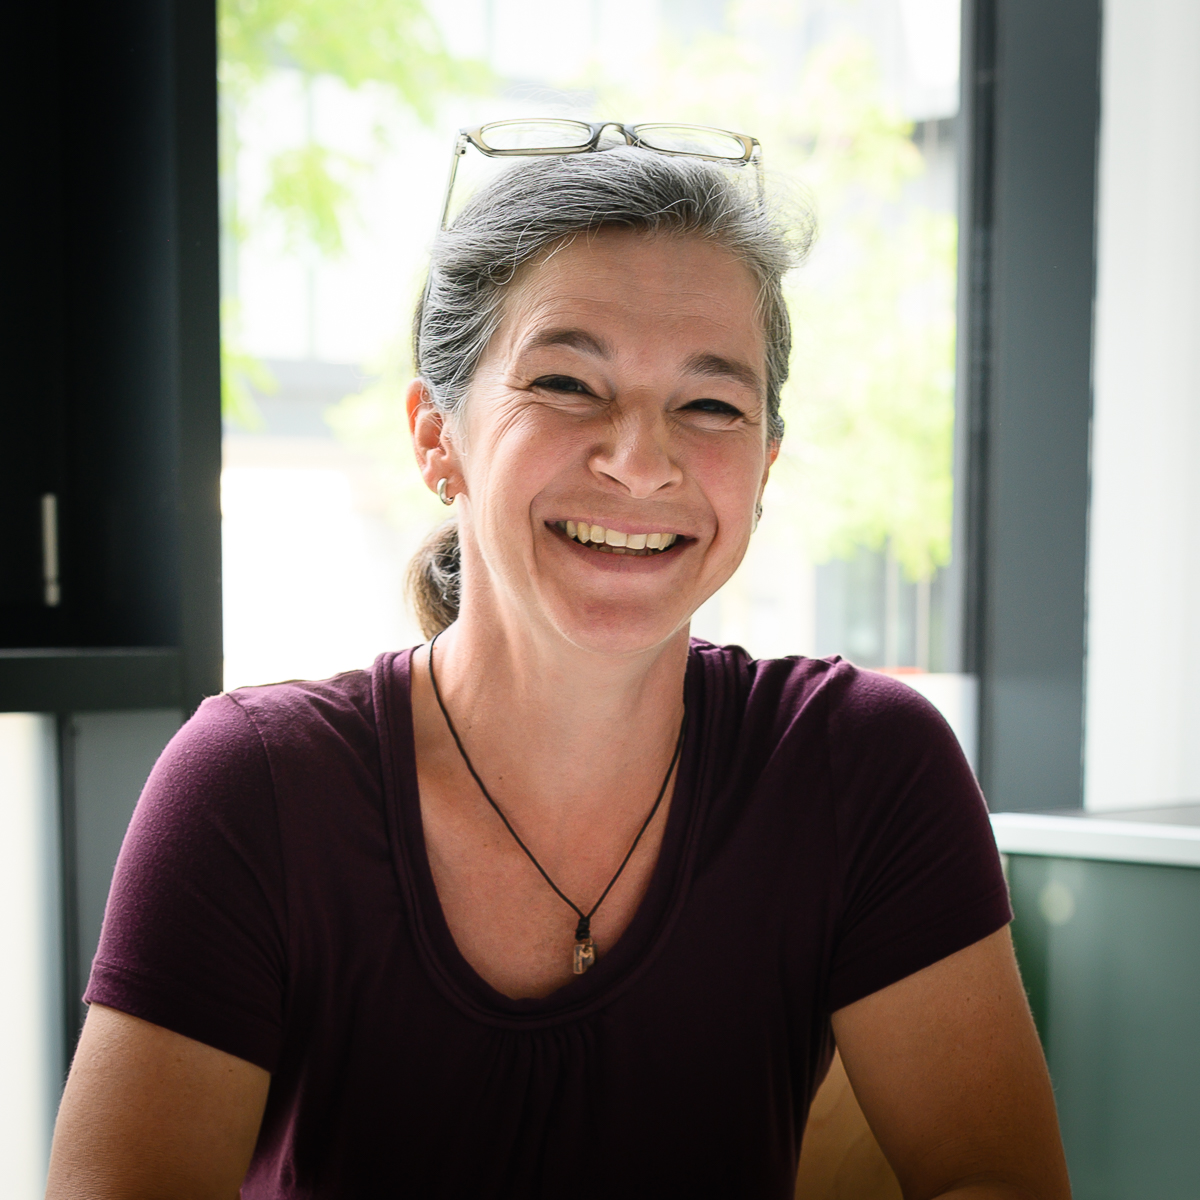 Anja Homfeldt